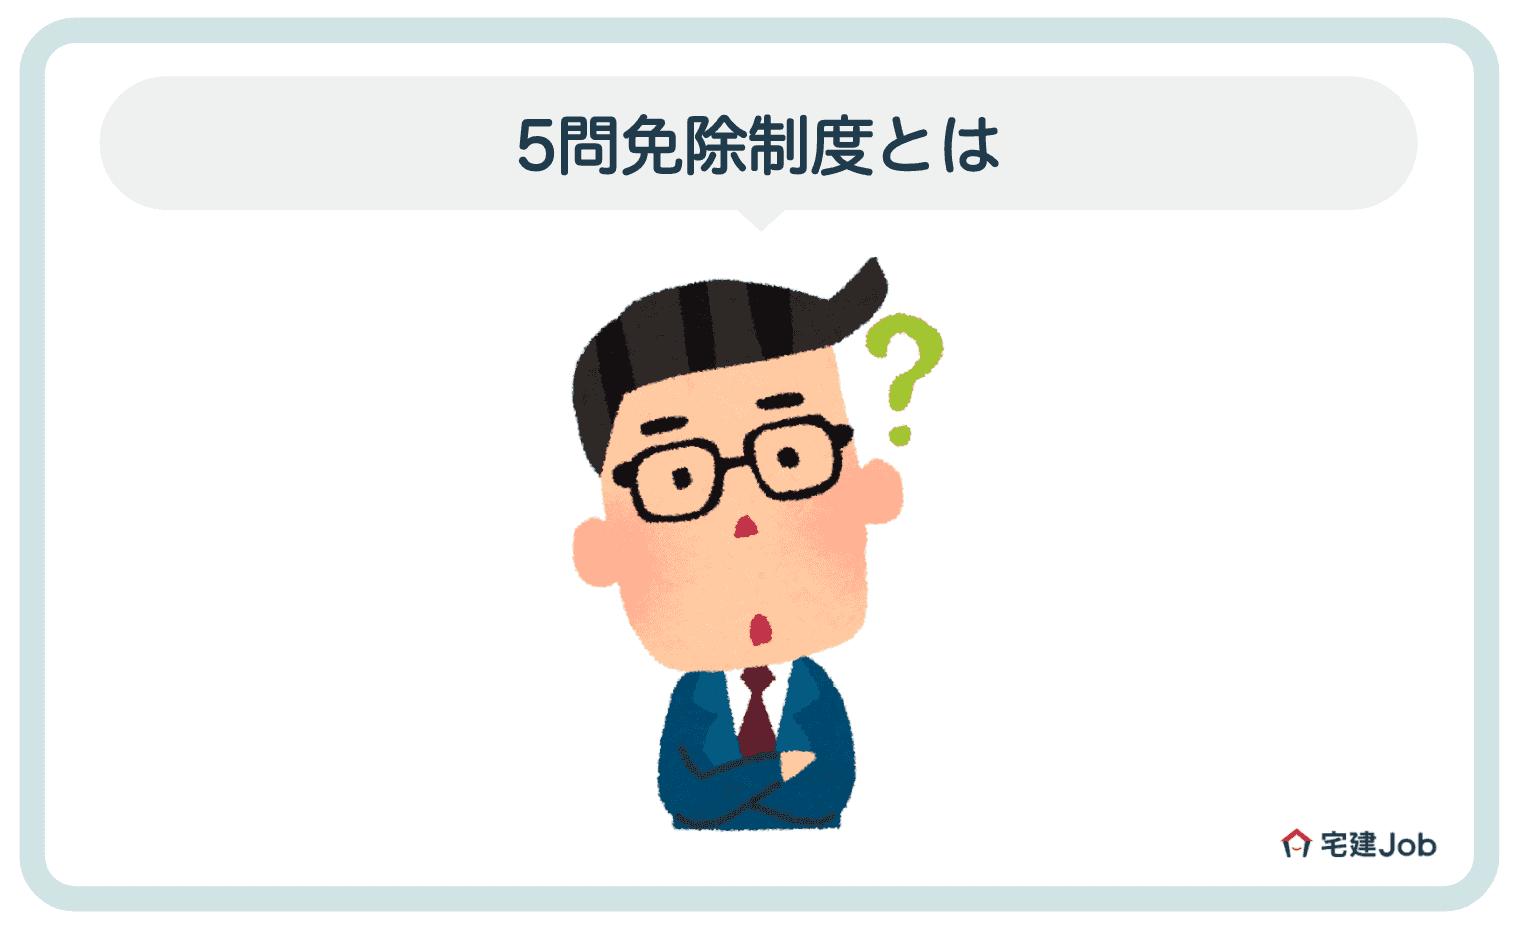 1.マンション管理士試験の免除制度とは【免除科目は?】